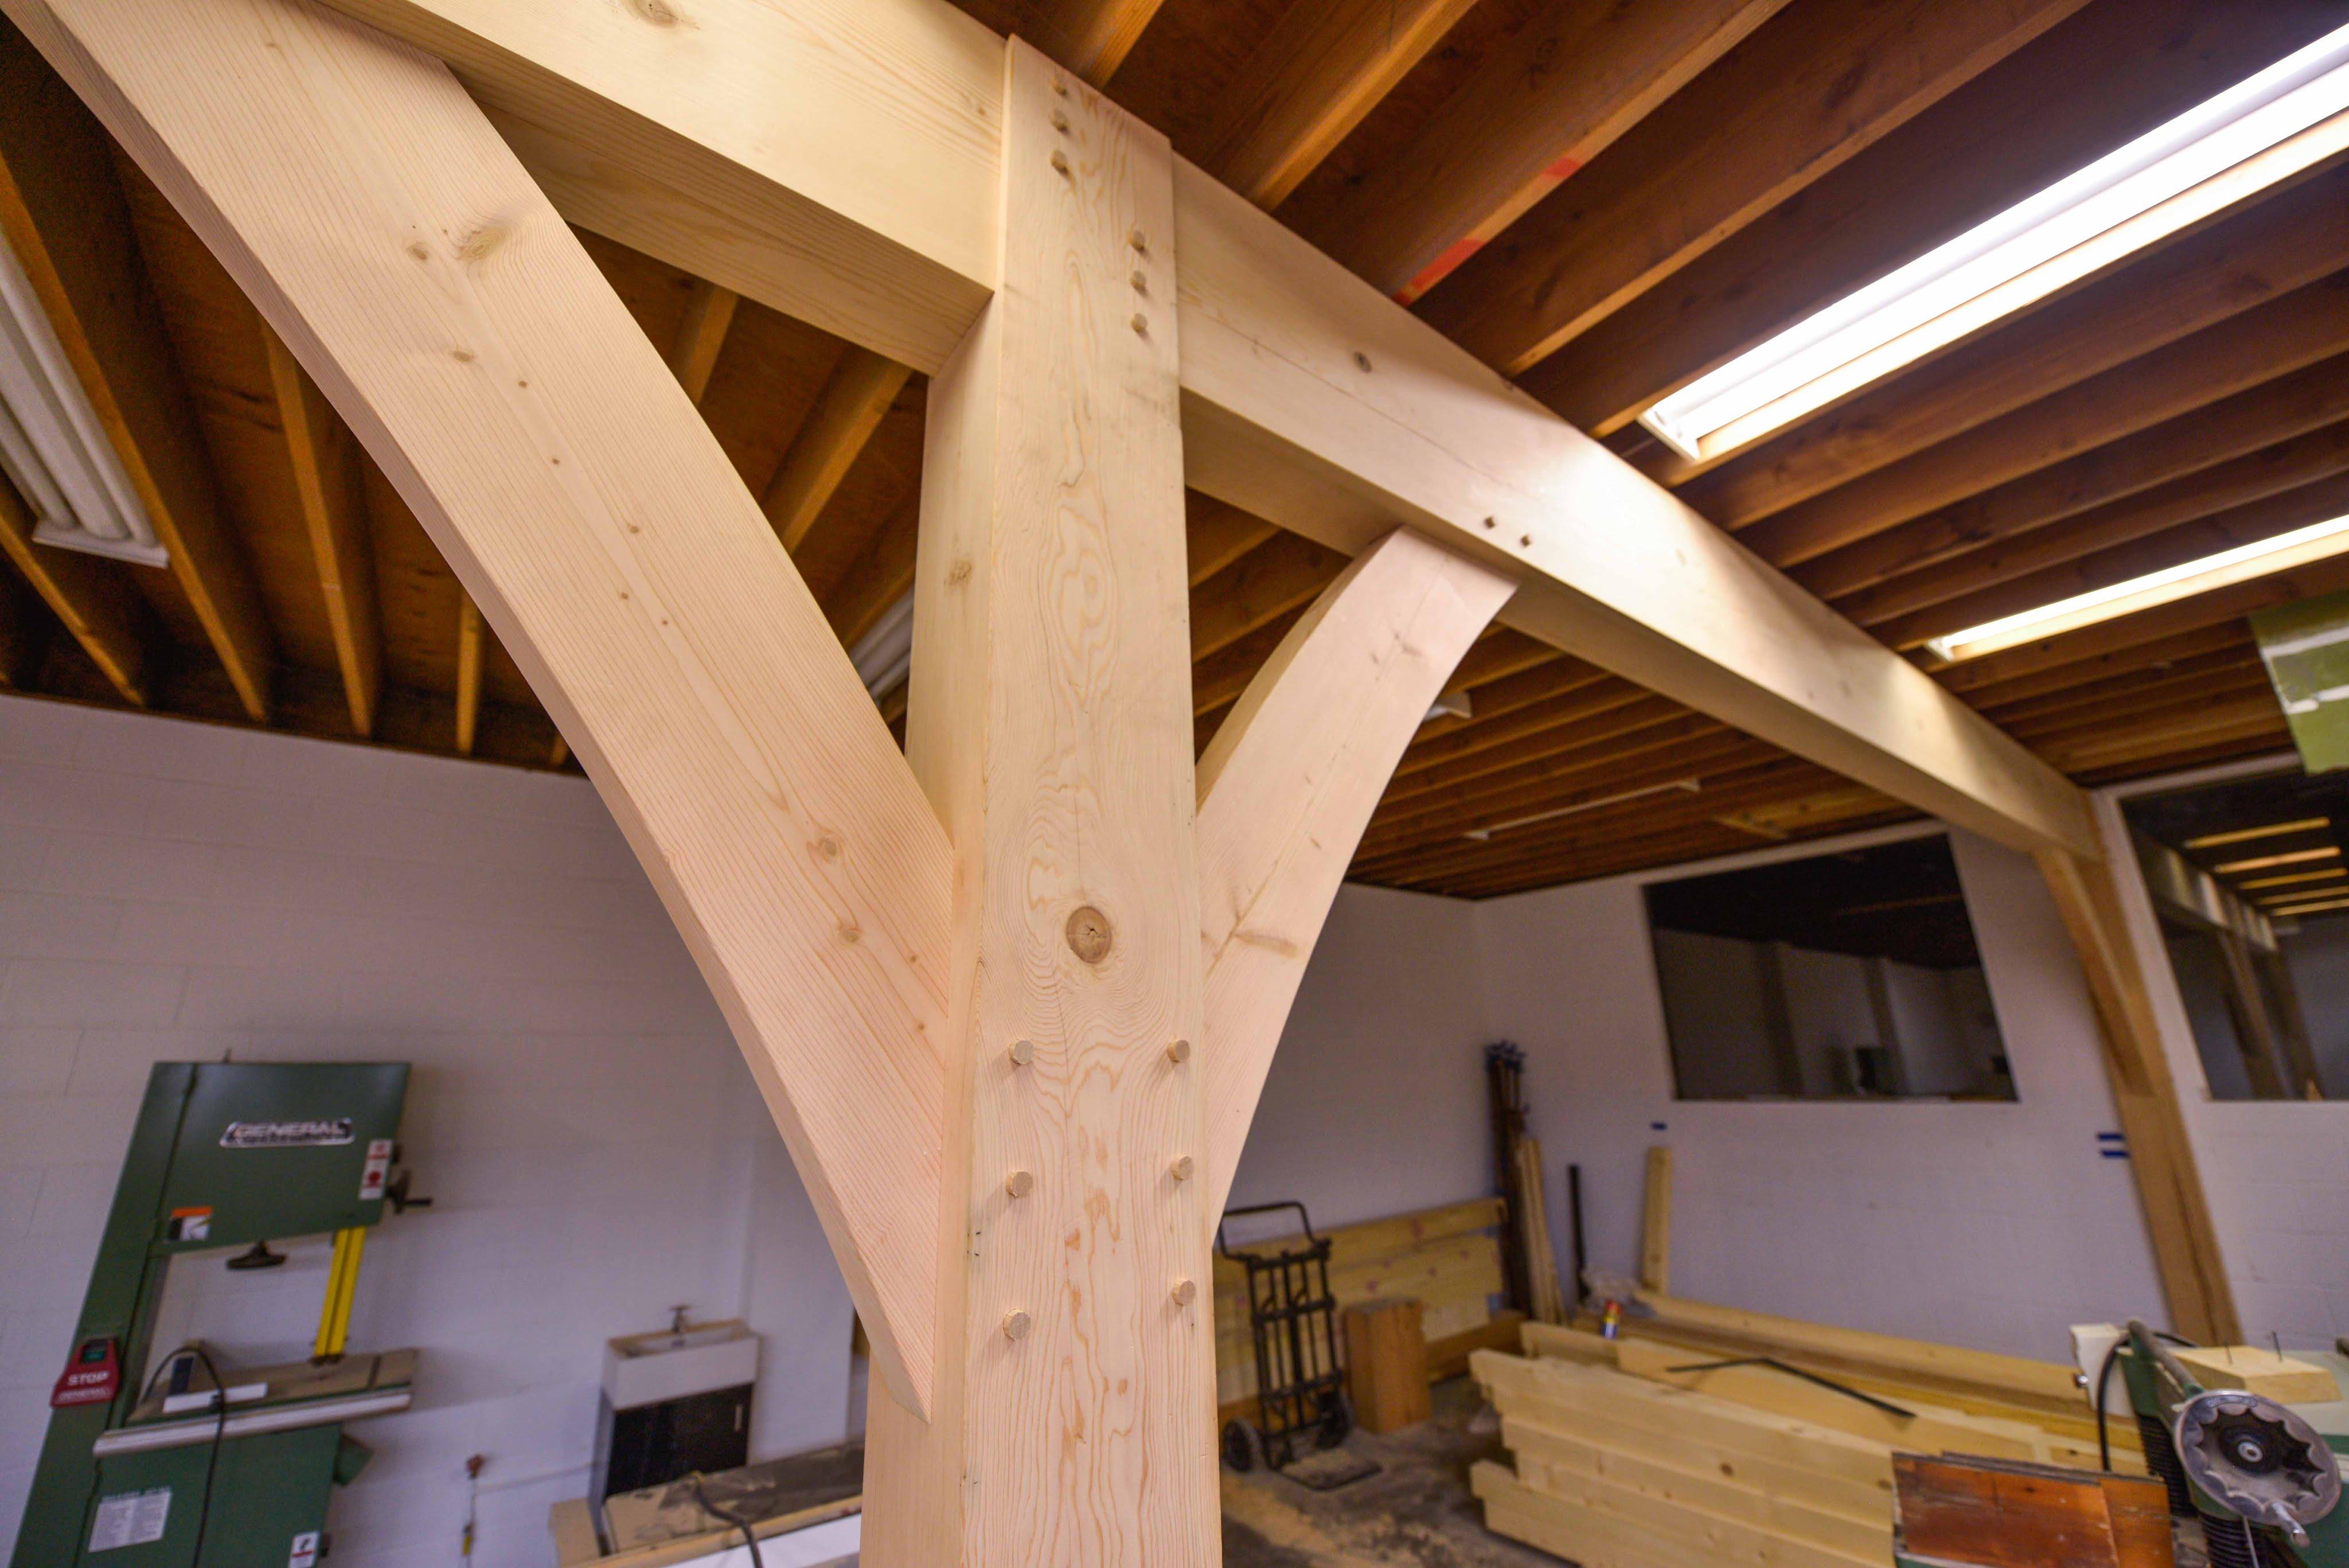 World Of Carpentry  worldofcarpentry  Instagram